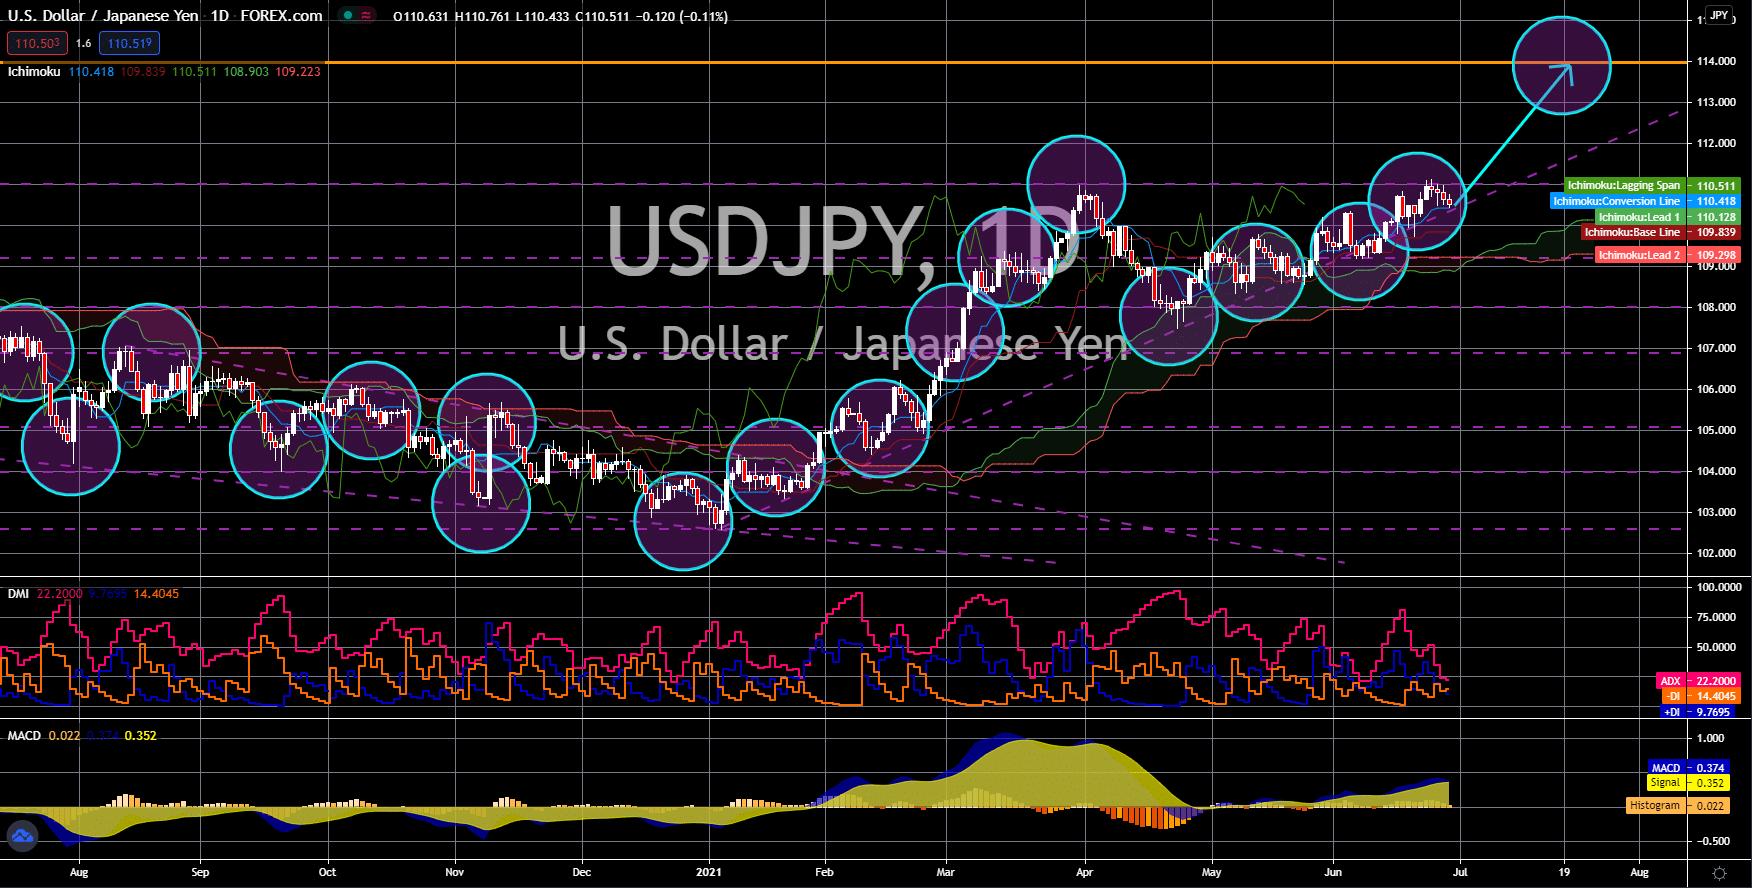 FinanceBrokerage - Notícias do mercado: gráfico USD/JPY